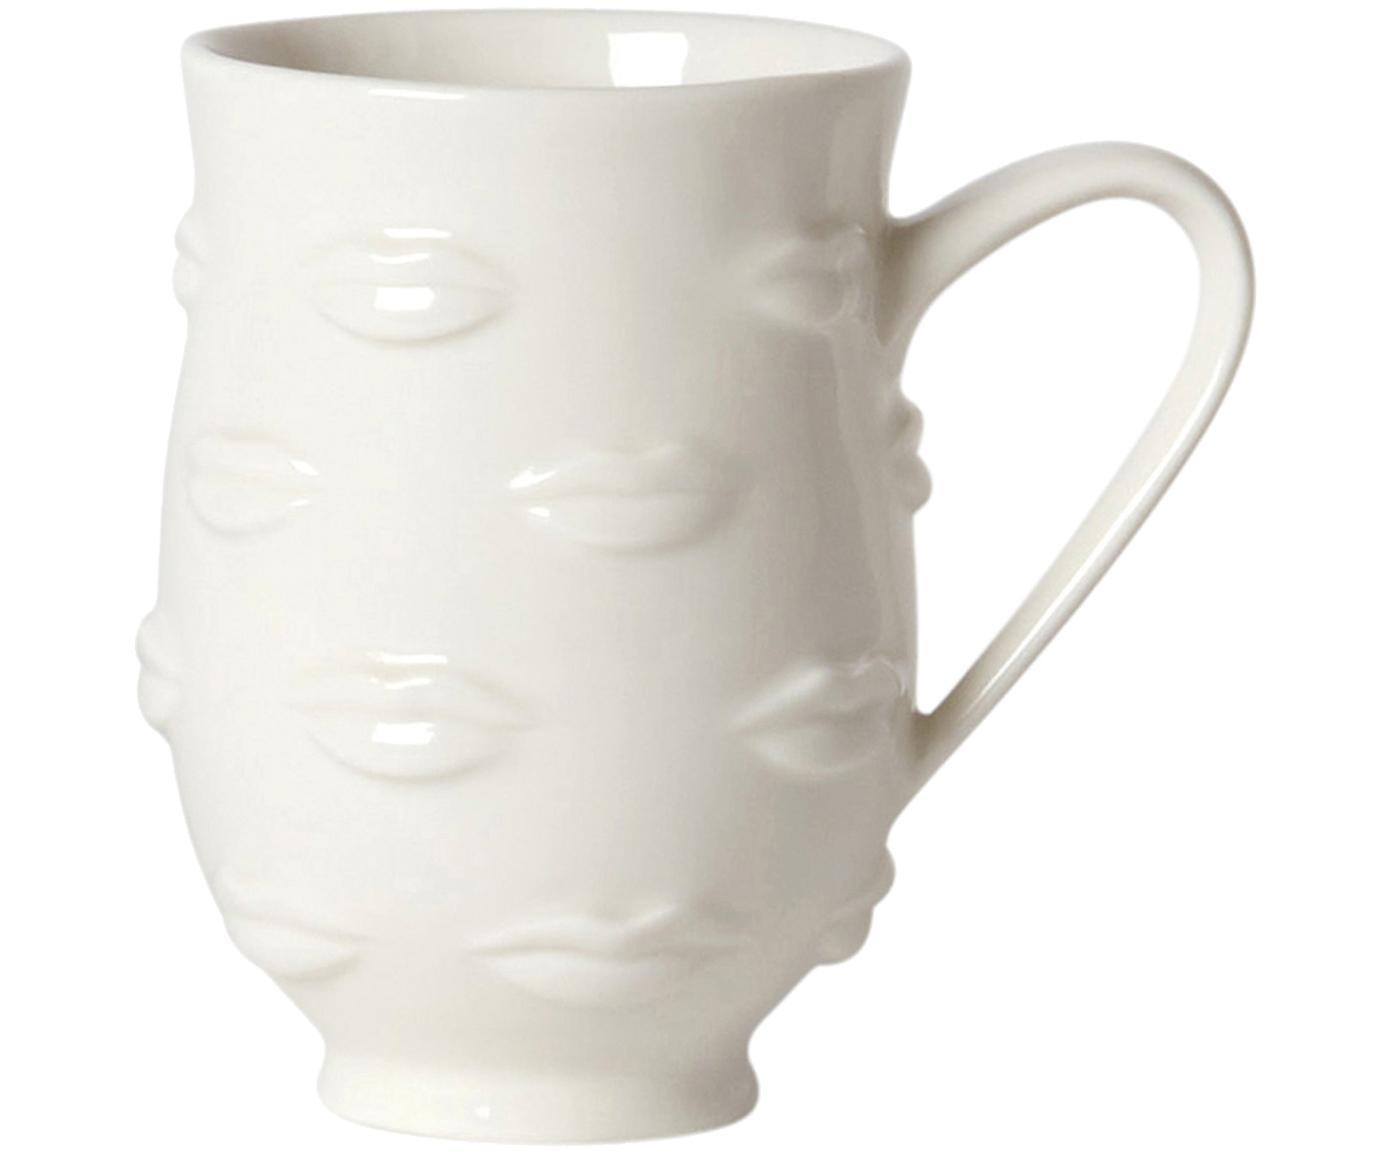 Tazza di design Gala, Gres, Bianco, Ø 9 x Alt. 13 cm